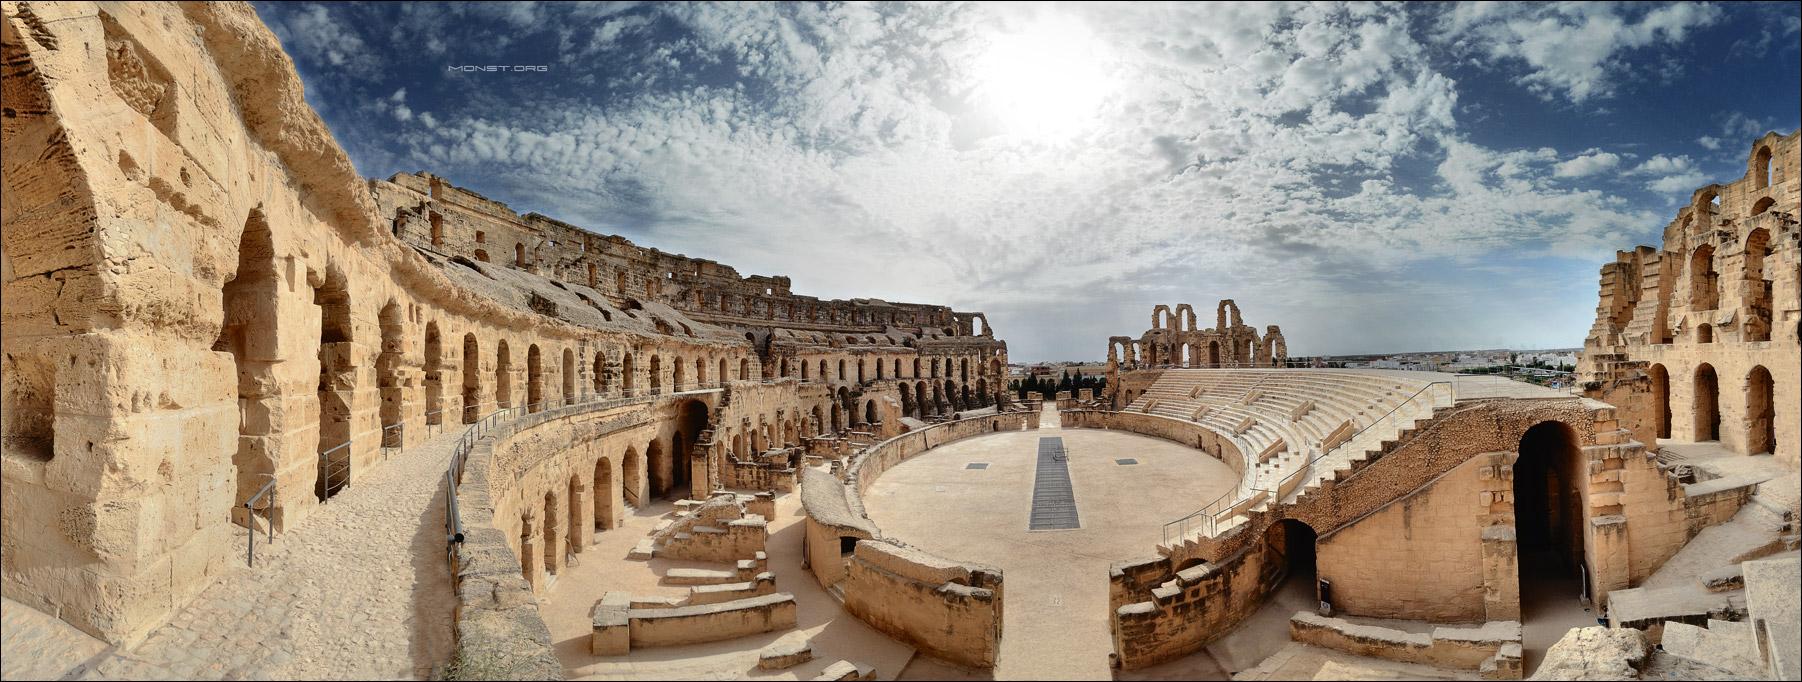 amfiteatr_el_jem_tunisia_africa